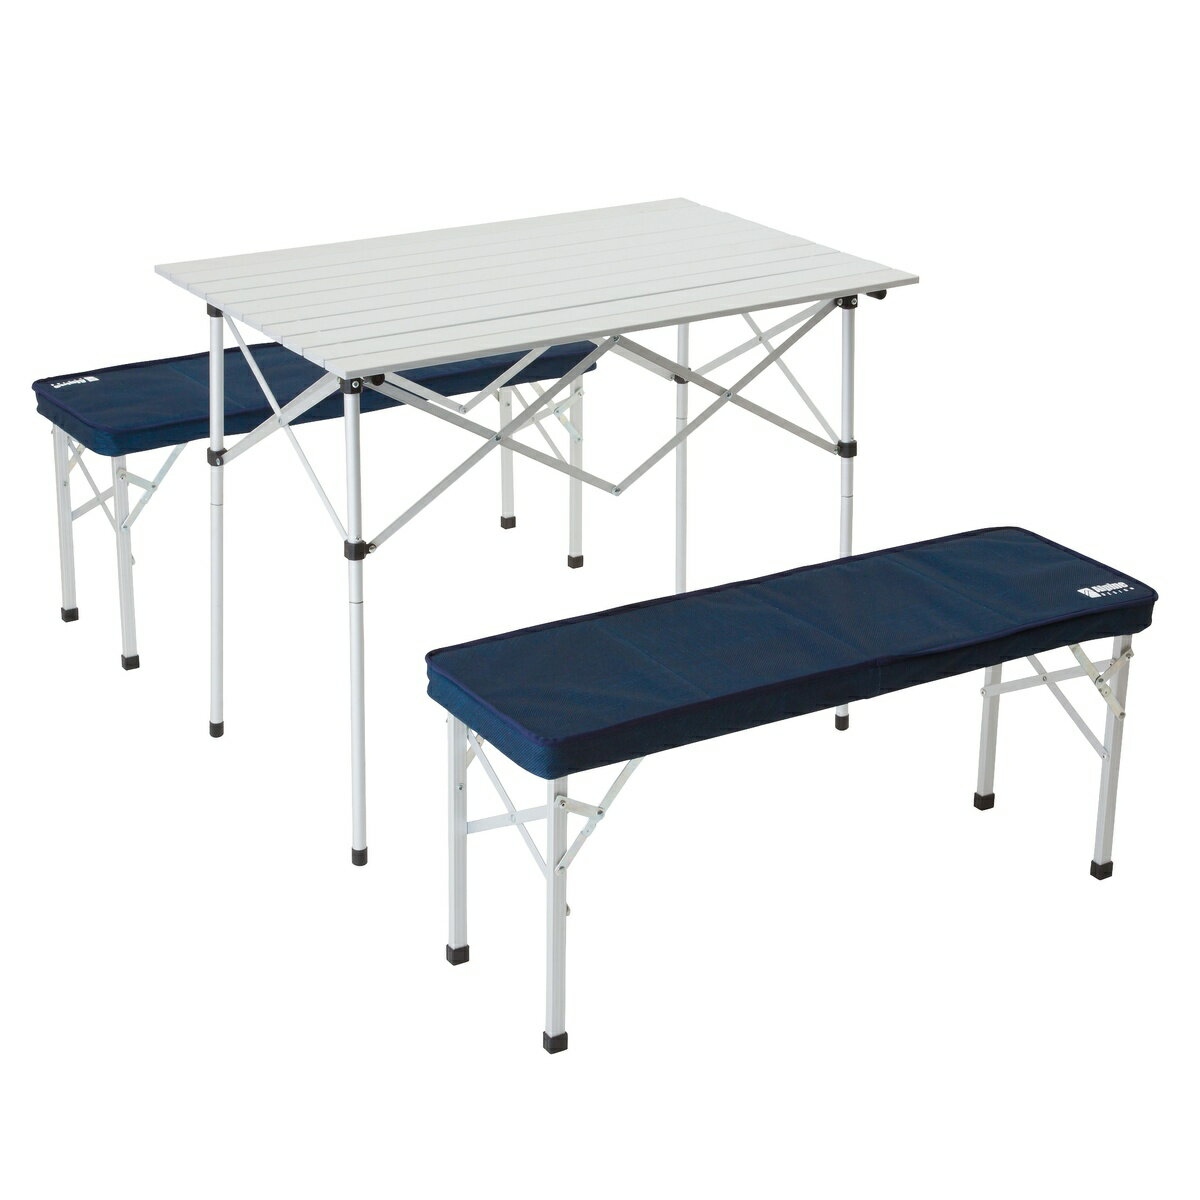 ● Alpine DESIGN (アルパインデザイン) キャンプ用品 キッチンテーブル 一体型テーブル 2WAY テーブルベンチセット AD-S17-402-038